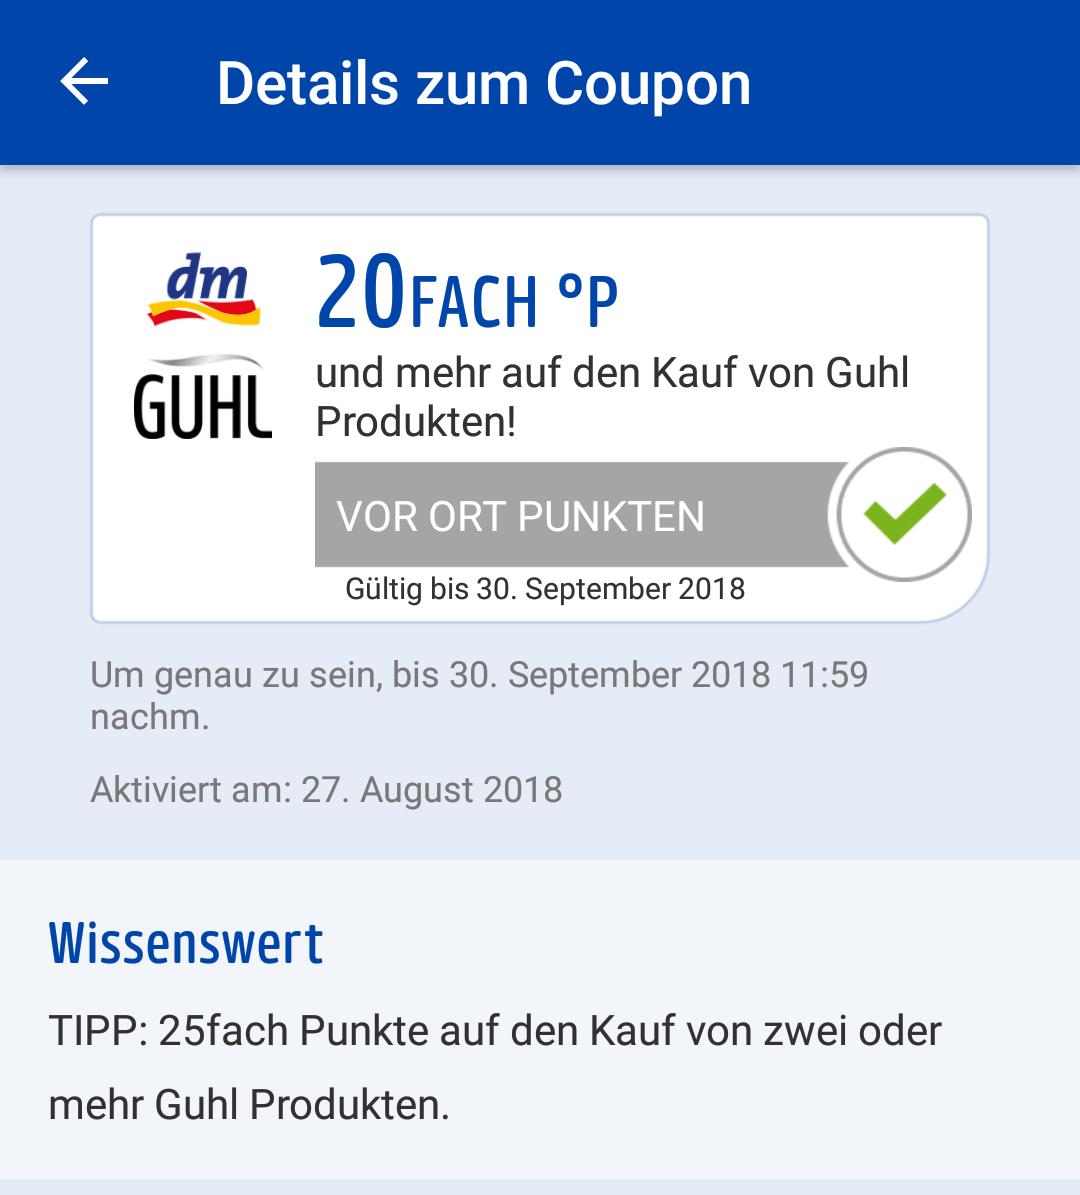 dm Payback: bis zu 25fach Punkte (25%) auf Guhl Produkte